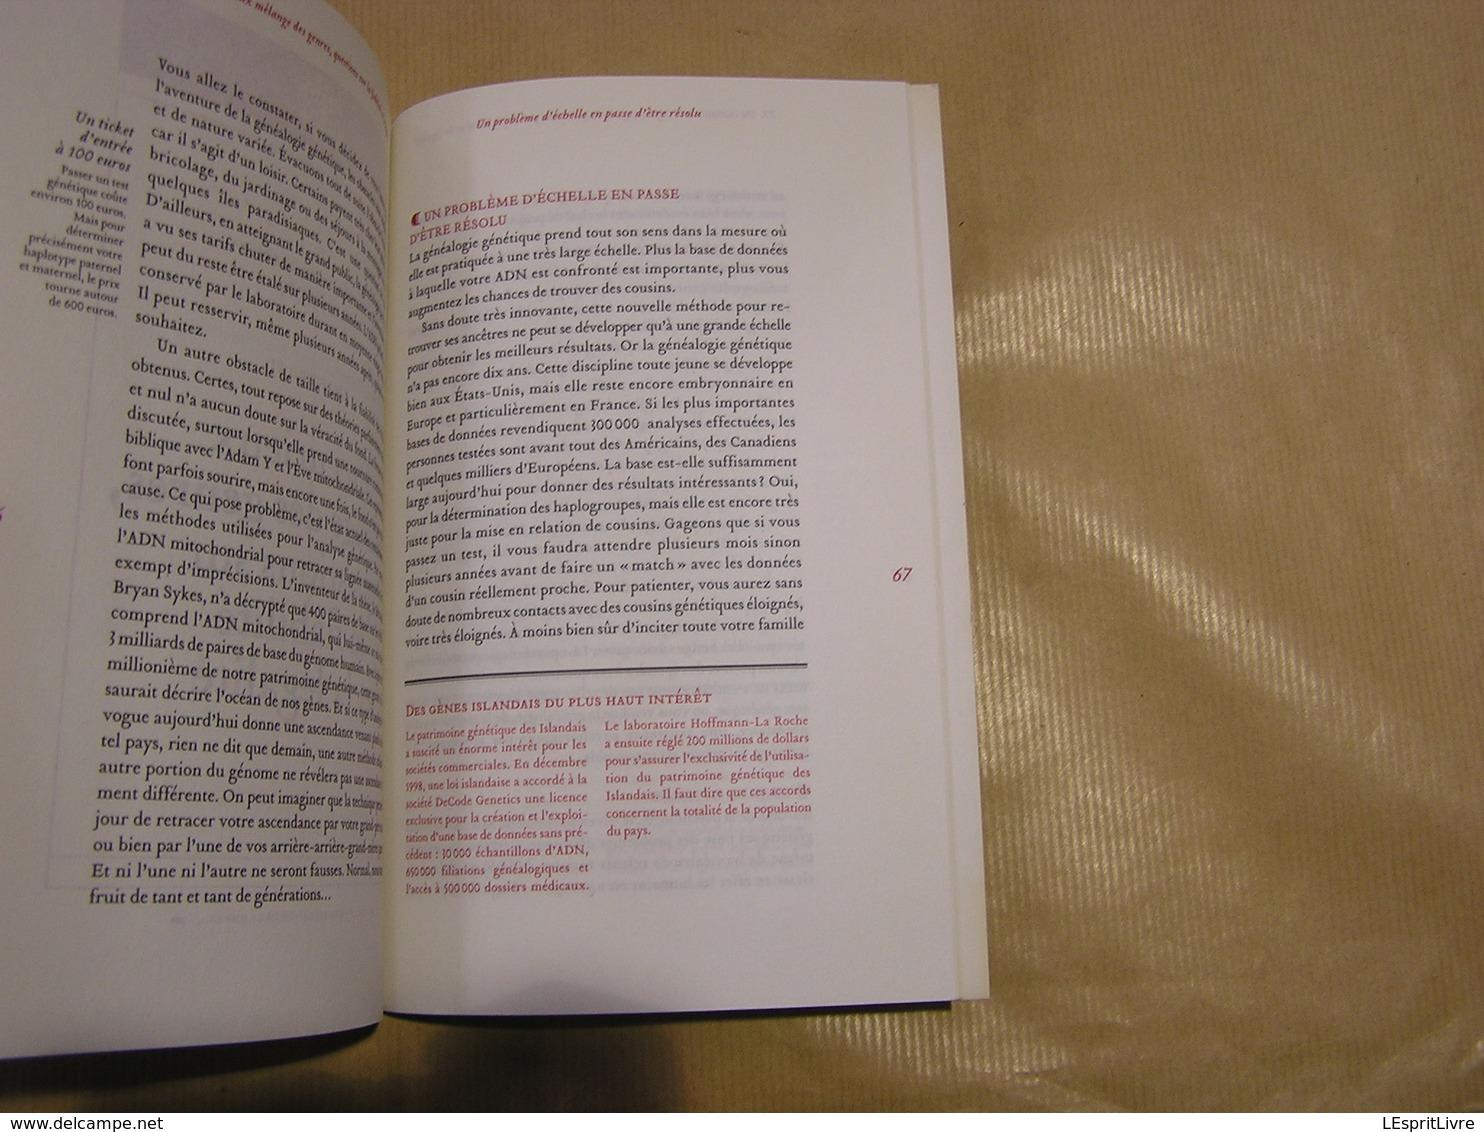 RETROUVER SES ANCÊTRES PAR L' ADN Généalogies Guide Généalogie Famille Recherches Test Héridité - Geschiedenis